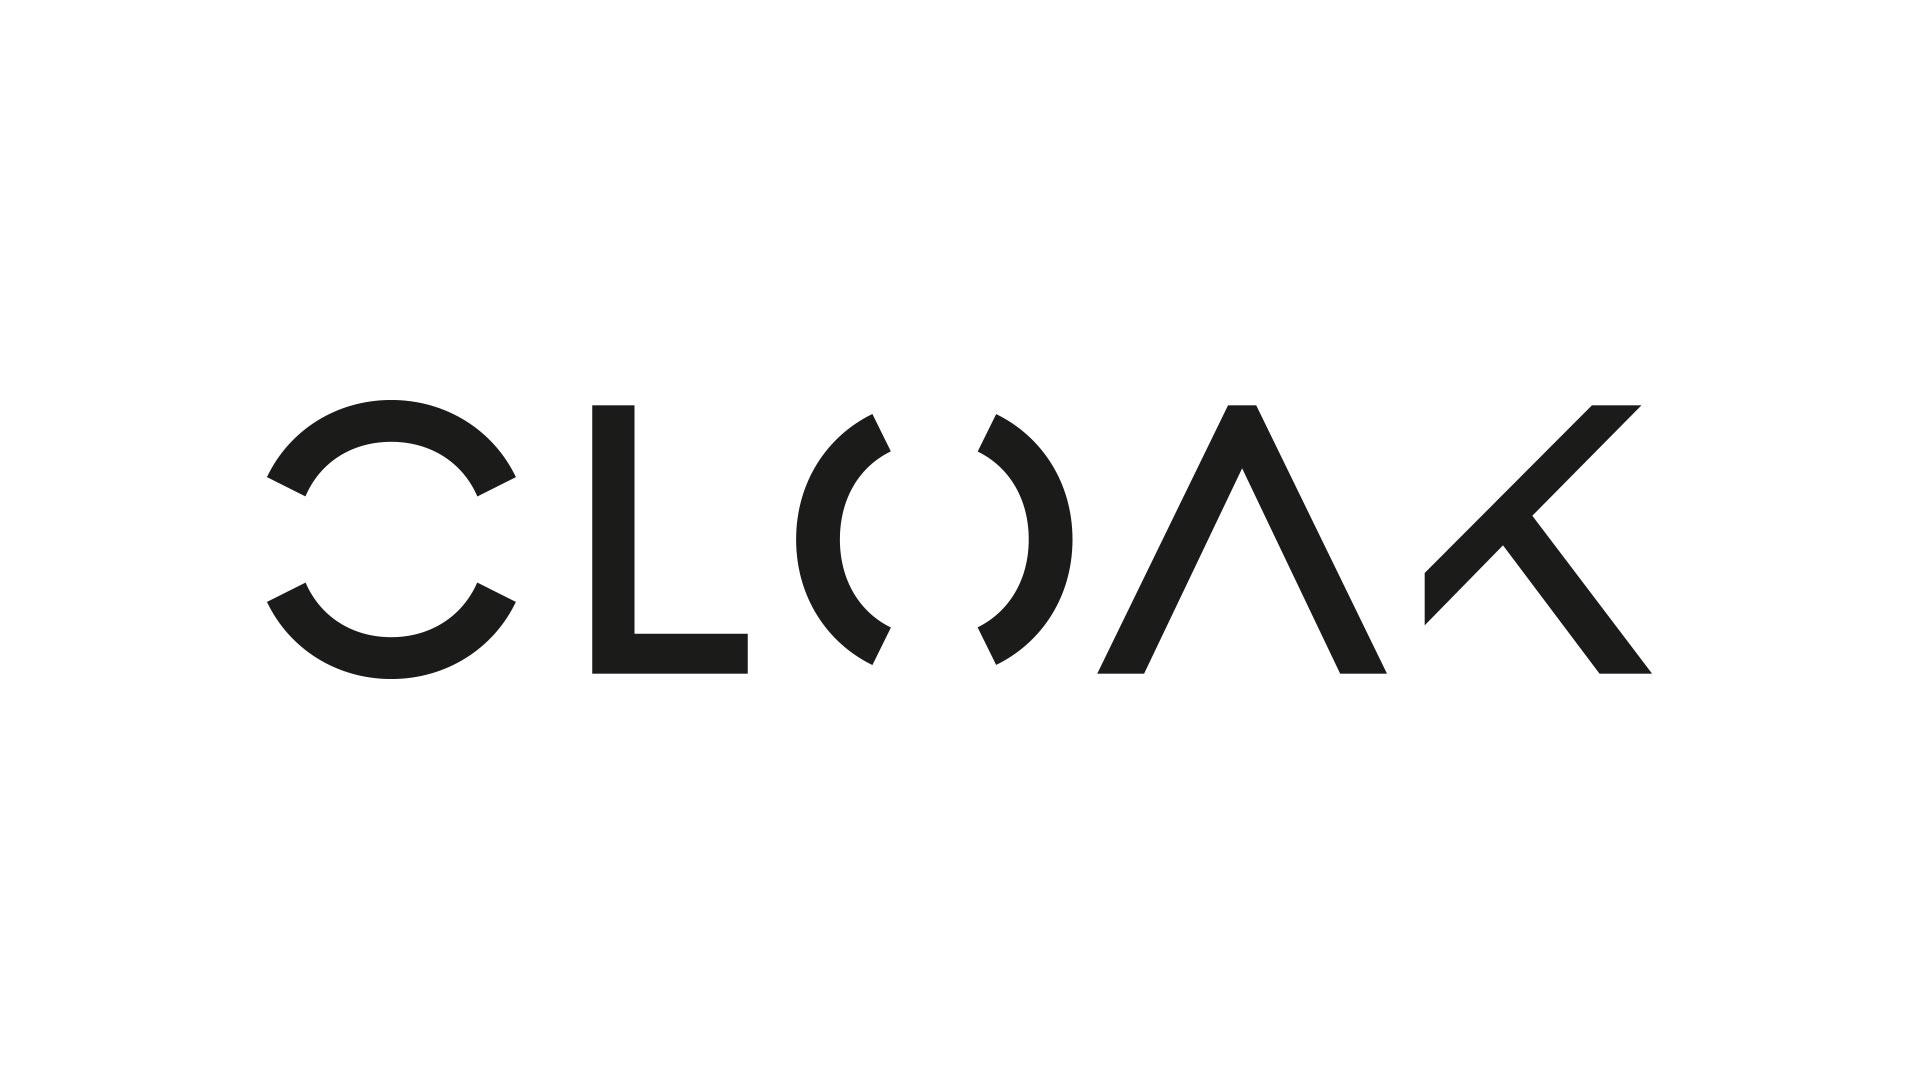 CLOAK_Logotype_med